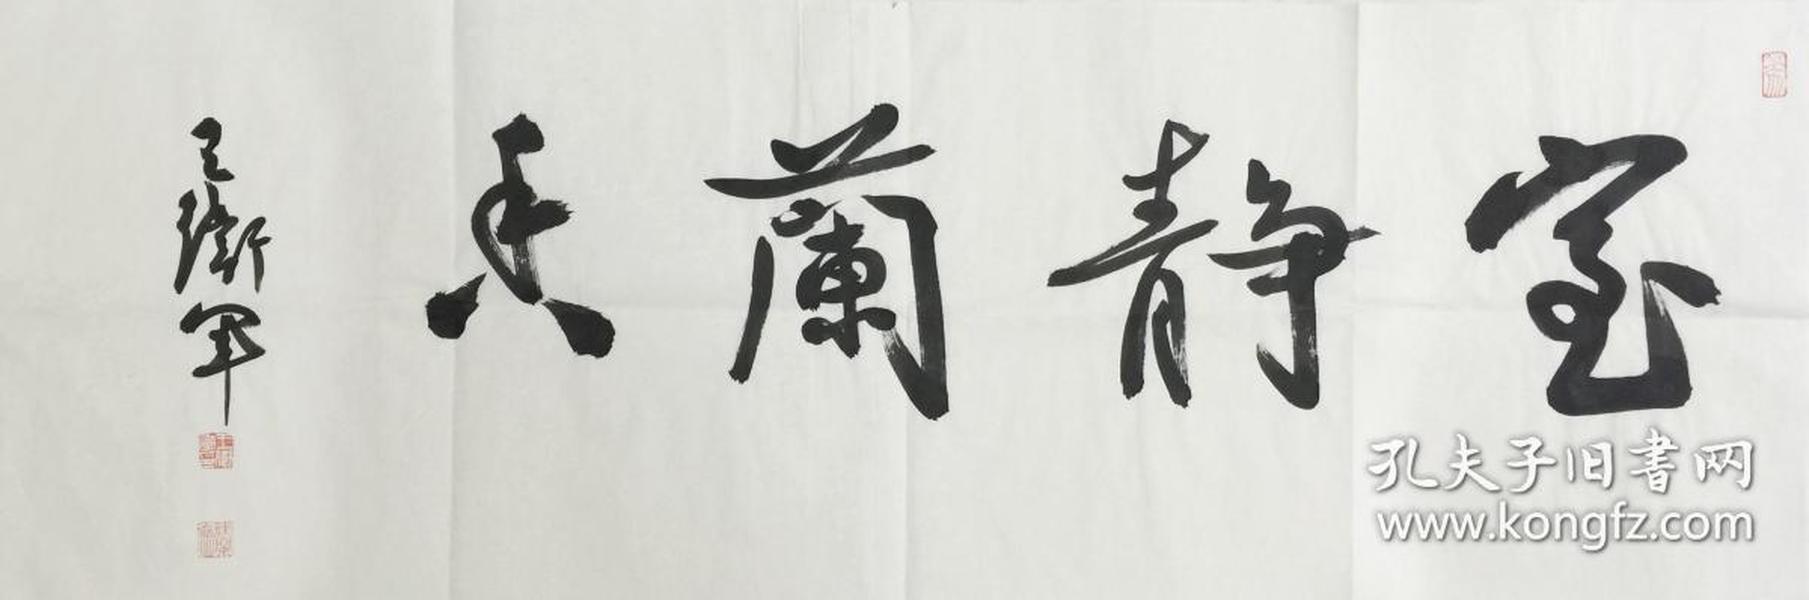 【王卫军】〖保真〗现为中国书法家协会理事,江苏省书法家协会副主席、秘书长、国家一级美术师、南京大学艺术学硕士(100*35CM)。